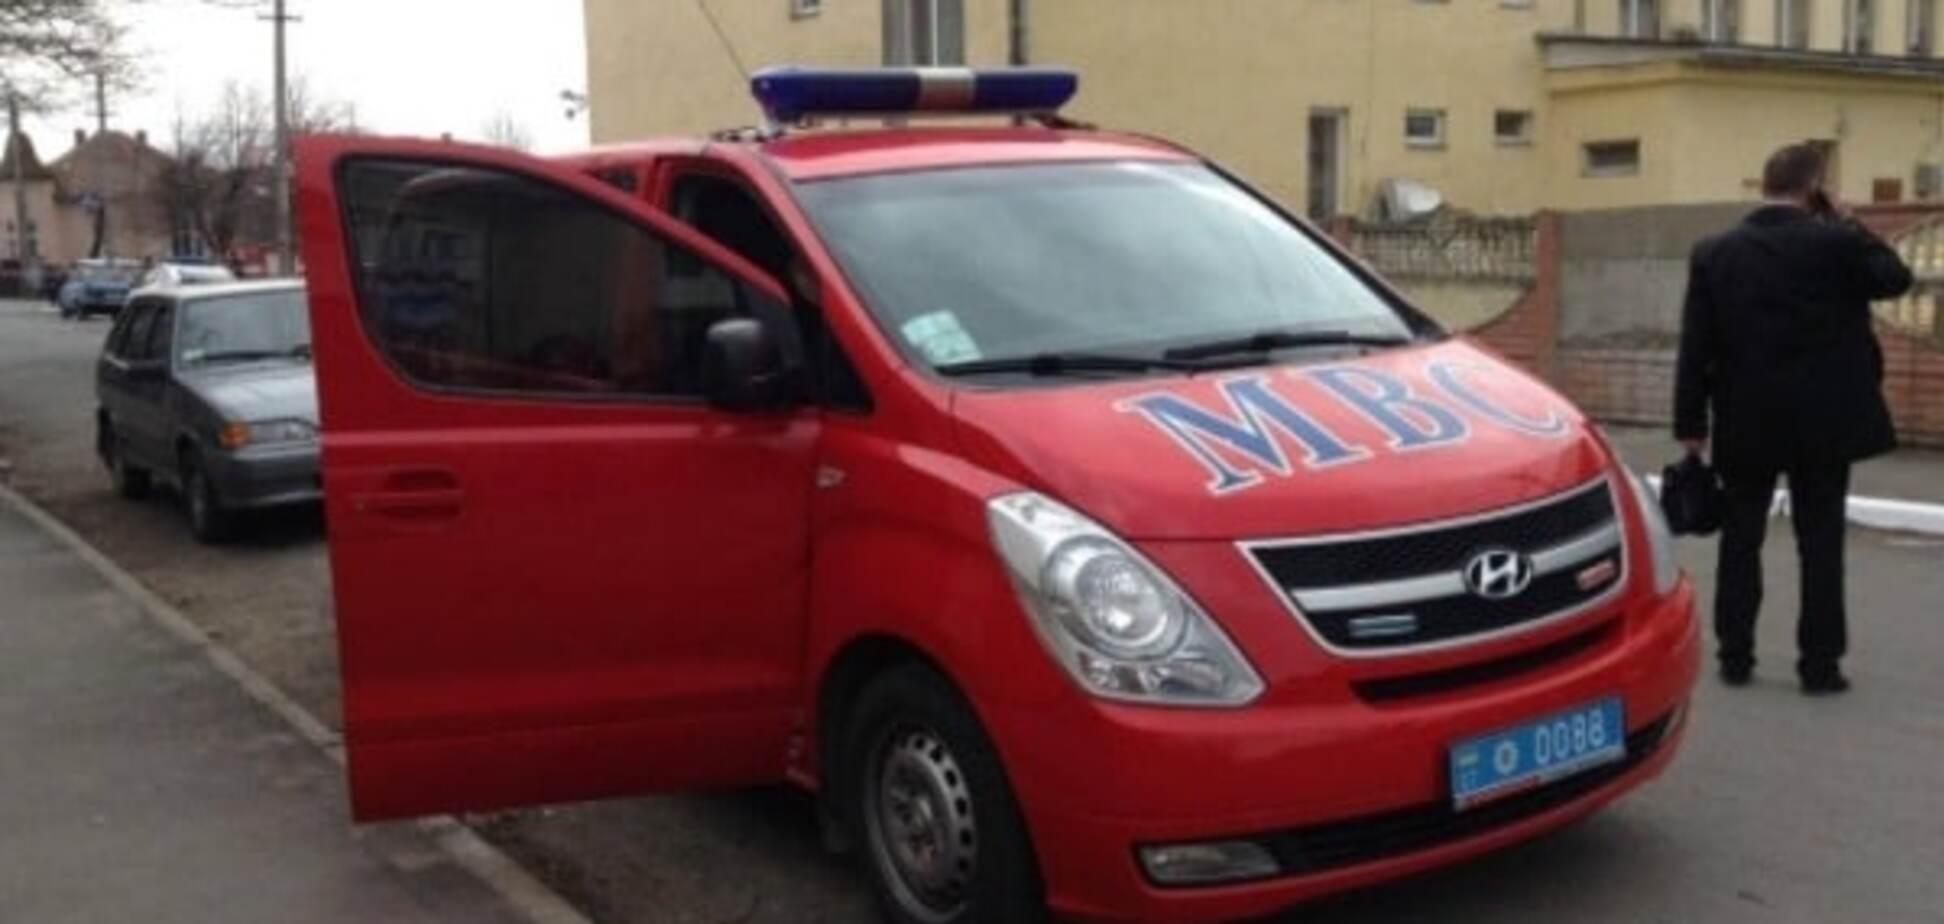 Грозит от 7 до 15 лет: в полиции рассказали о стрельбе в Мукачево